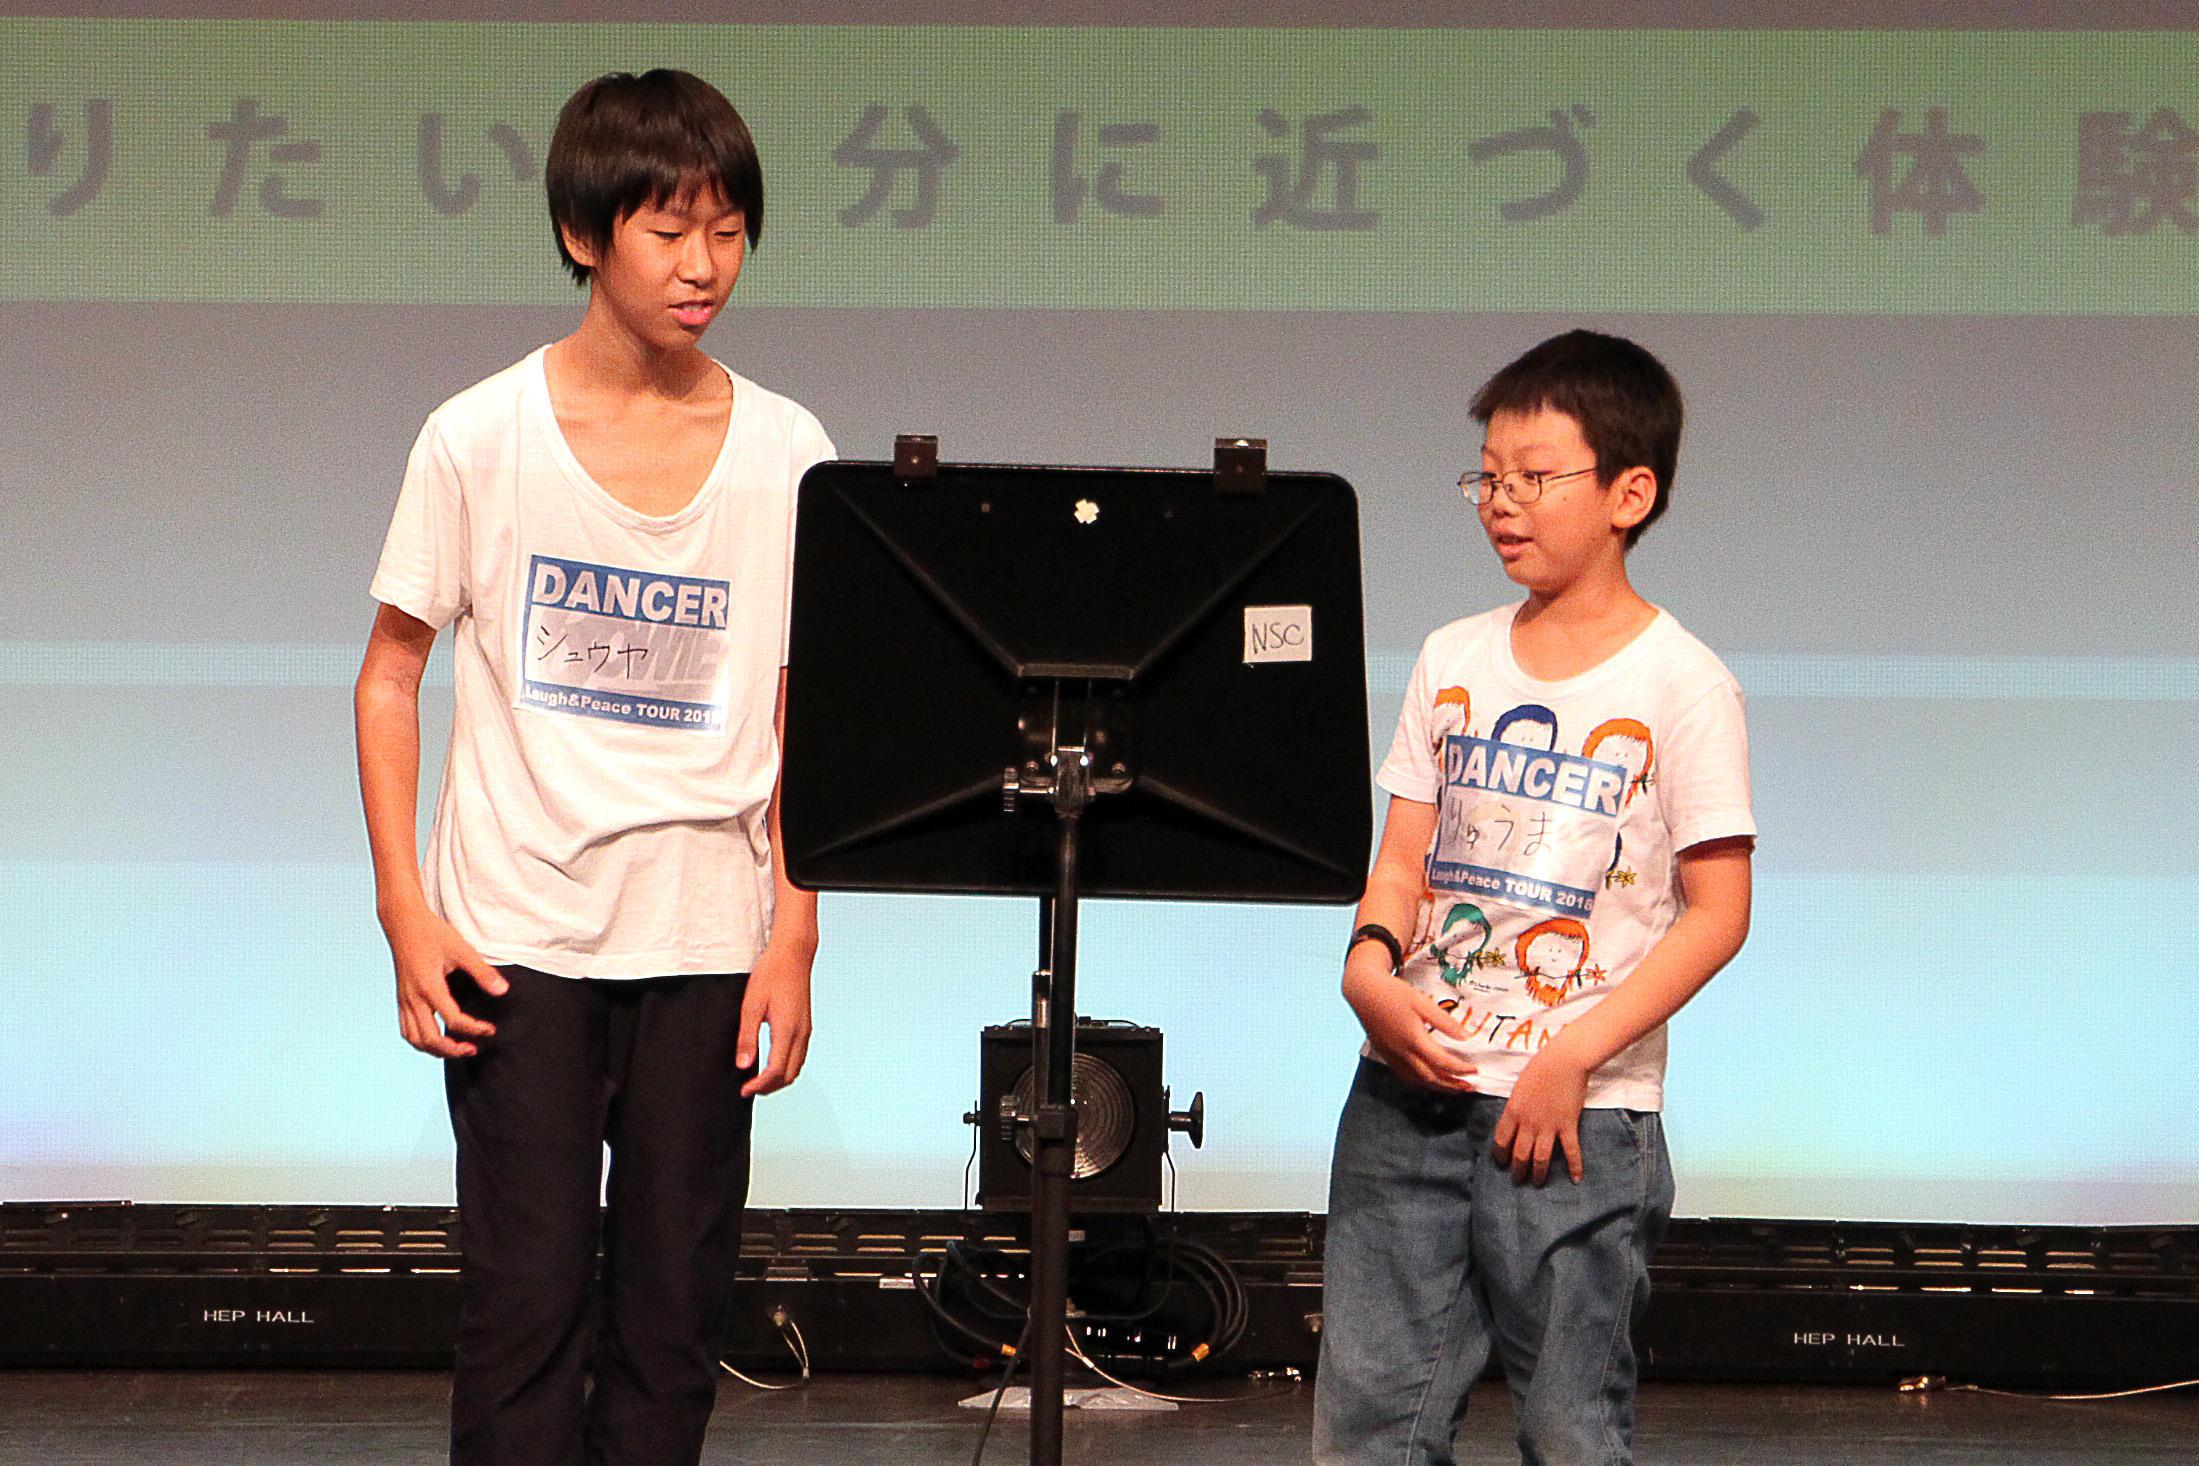 http://news.yoshimoto.co.jp/20180807152557-c4f559f324a6748f4a73b4c6c8c35b717f74561b.jpg